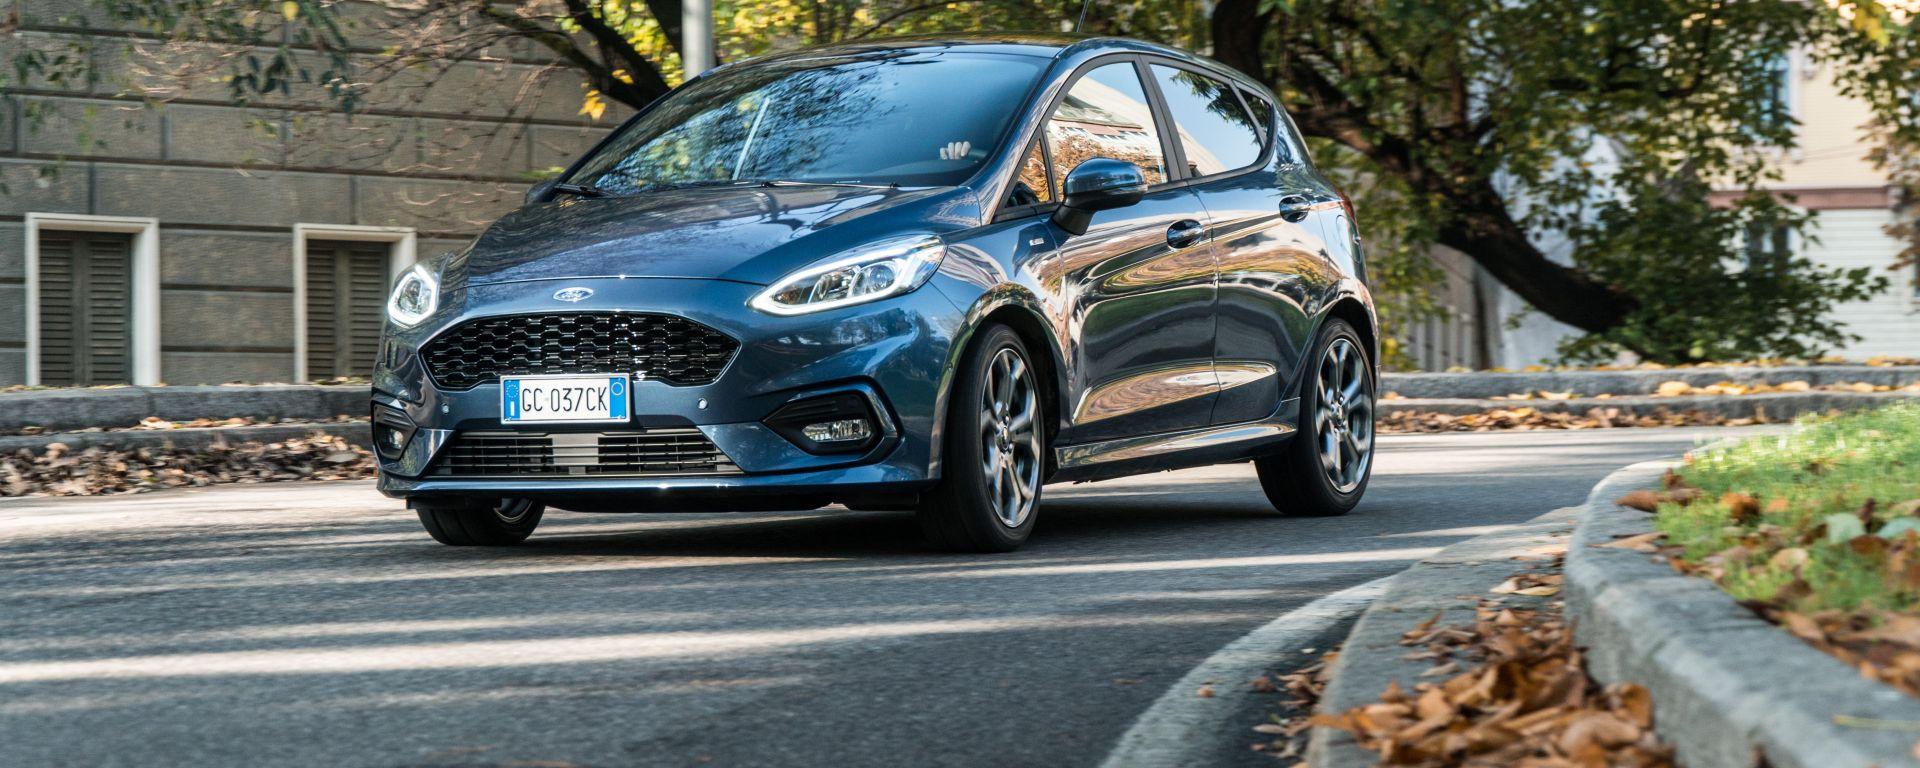 La prova della Ford Fiesta 1.0 mild hybrid